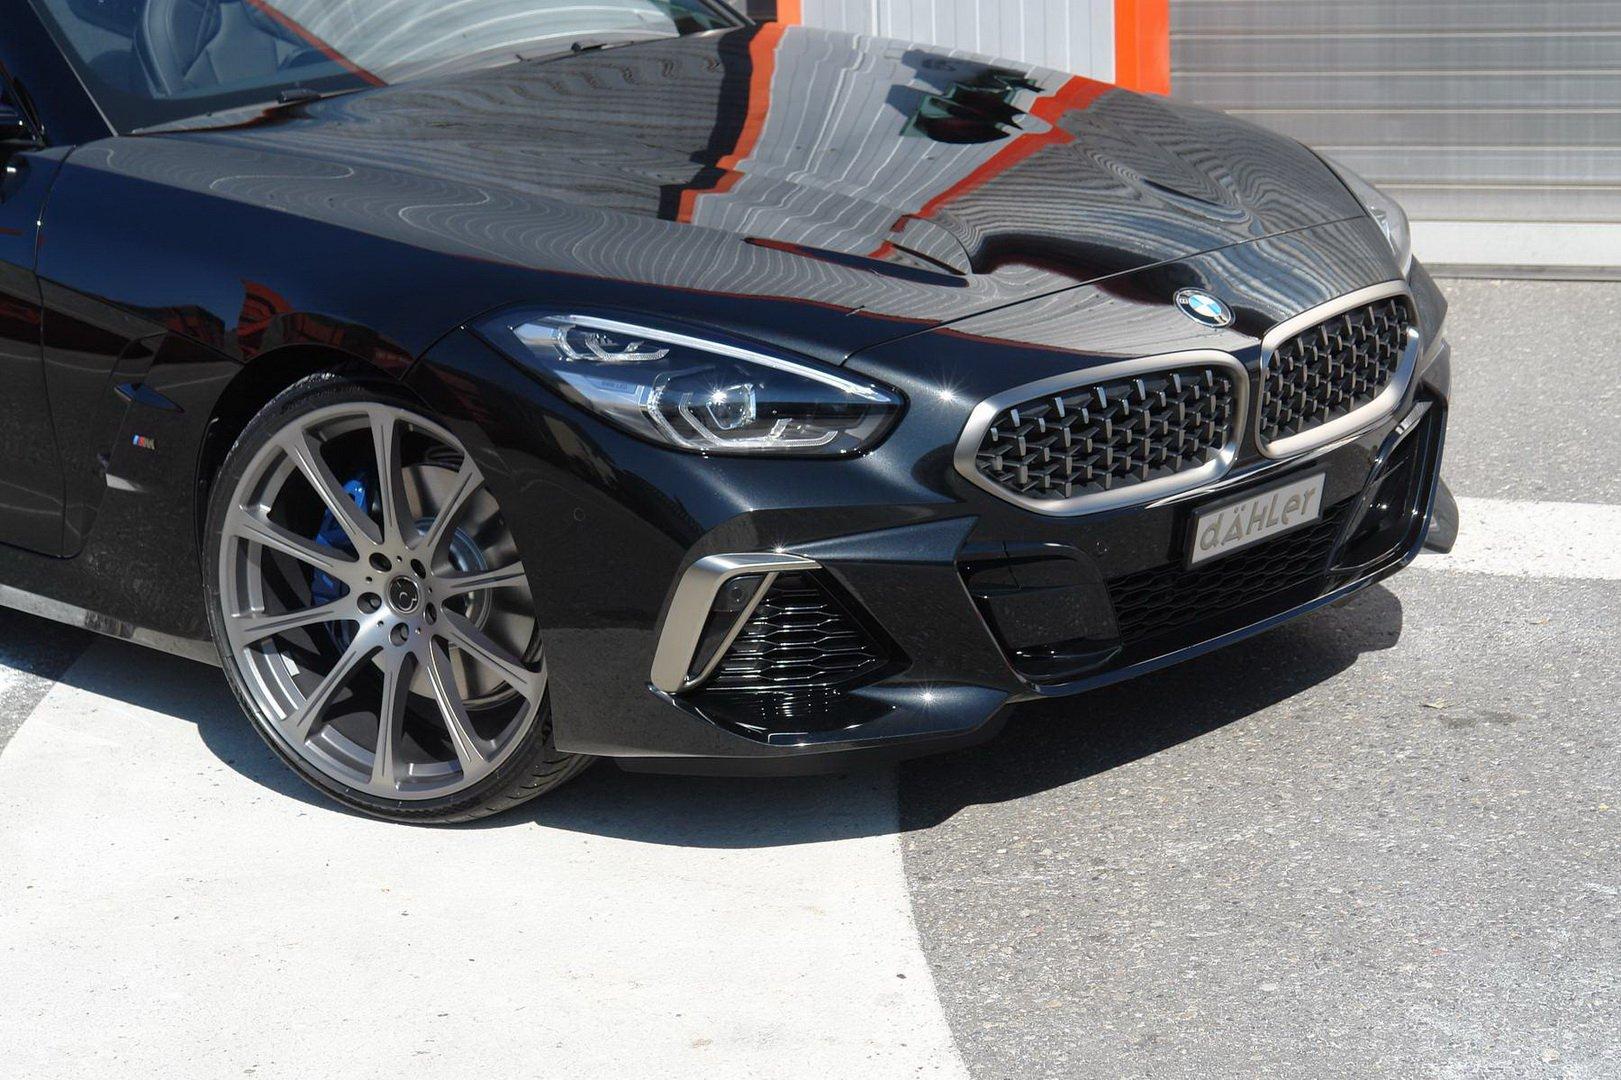 BMW-Z4-by-Dahler-20